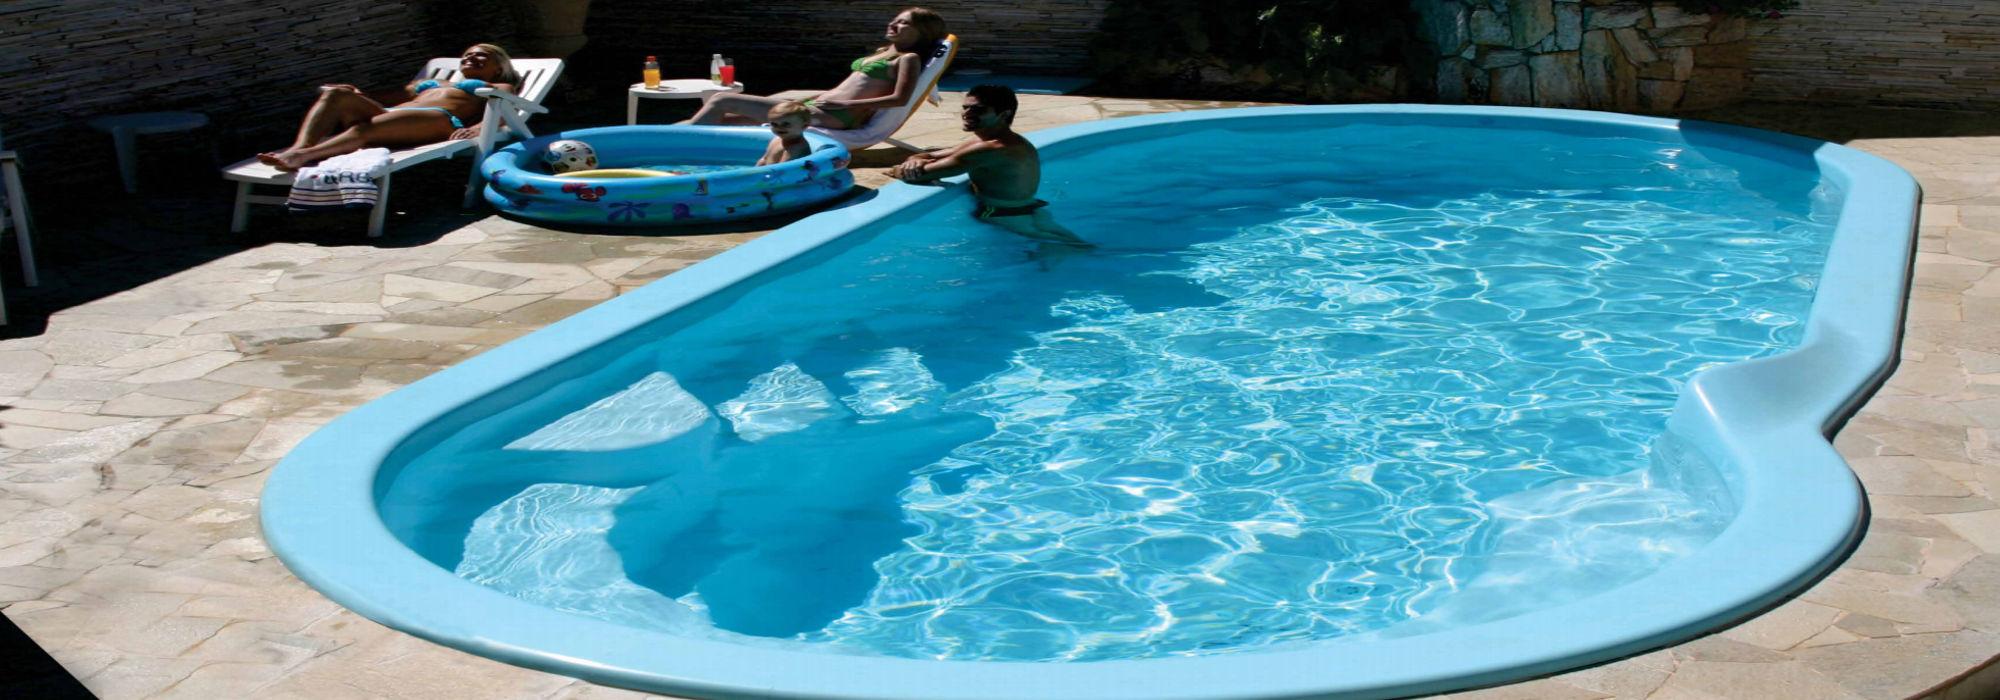 Piscinas piscinas de poliester venta y montaje for Piscinas estrechas y alargadas